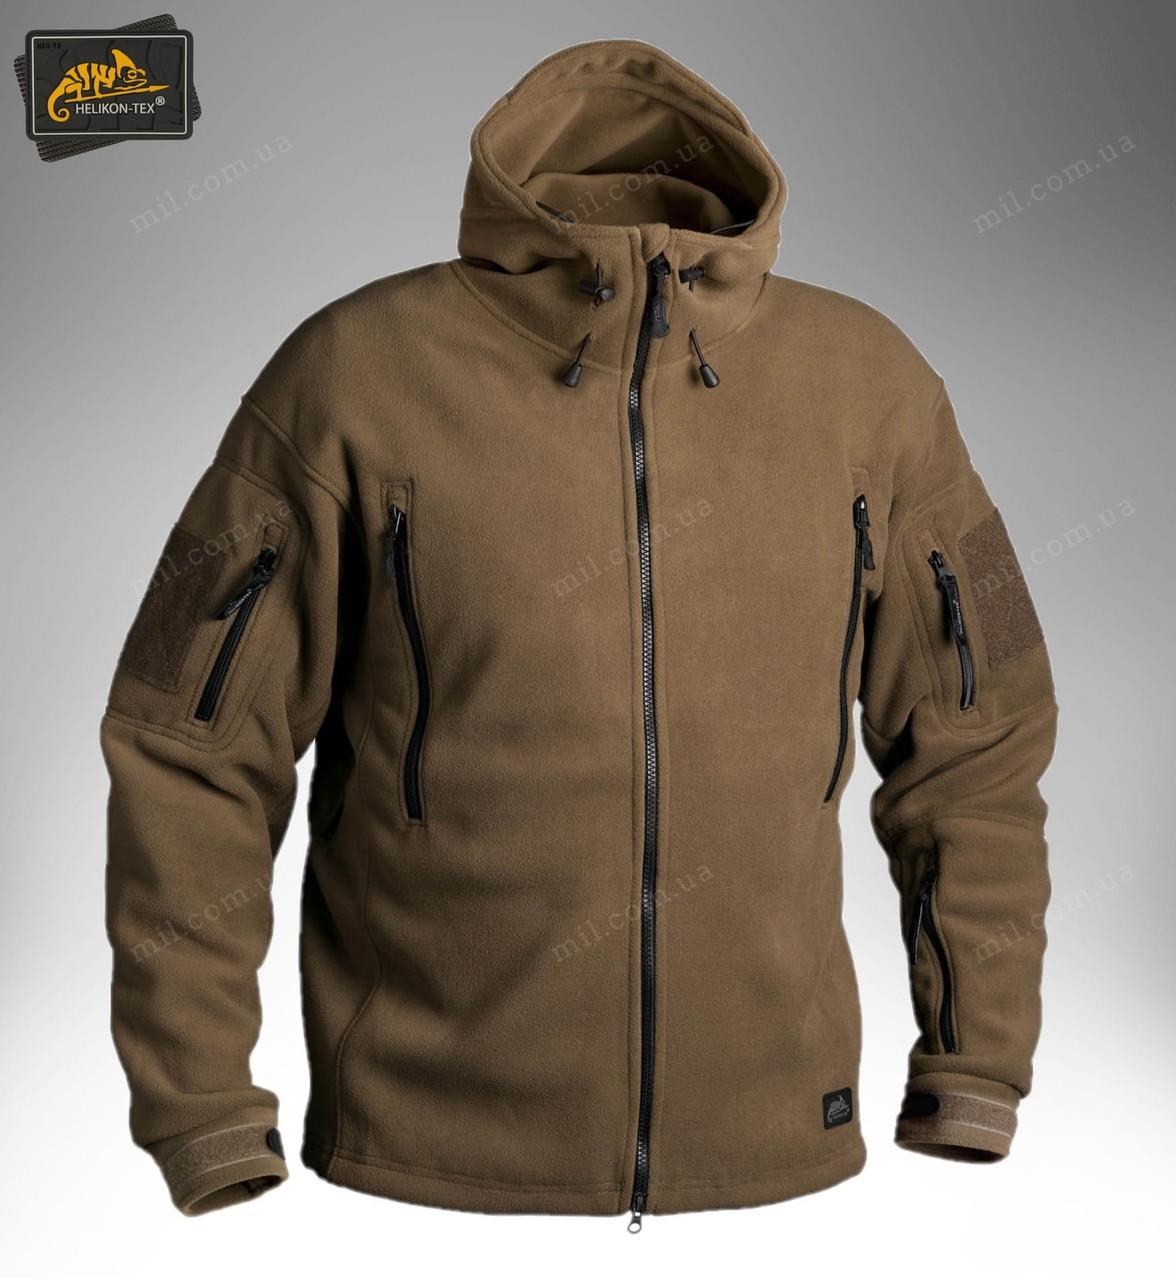 Демисезонная флисовая куртка Helikon-Tex® Patriot (coyote)